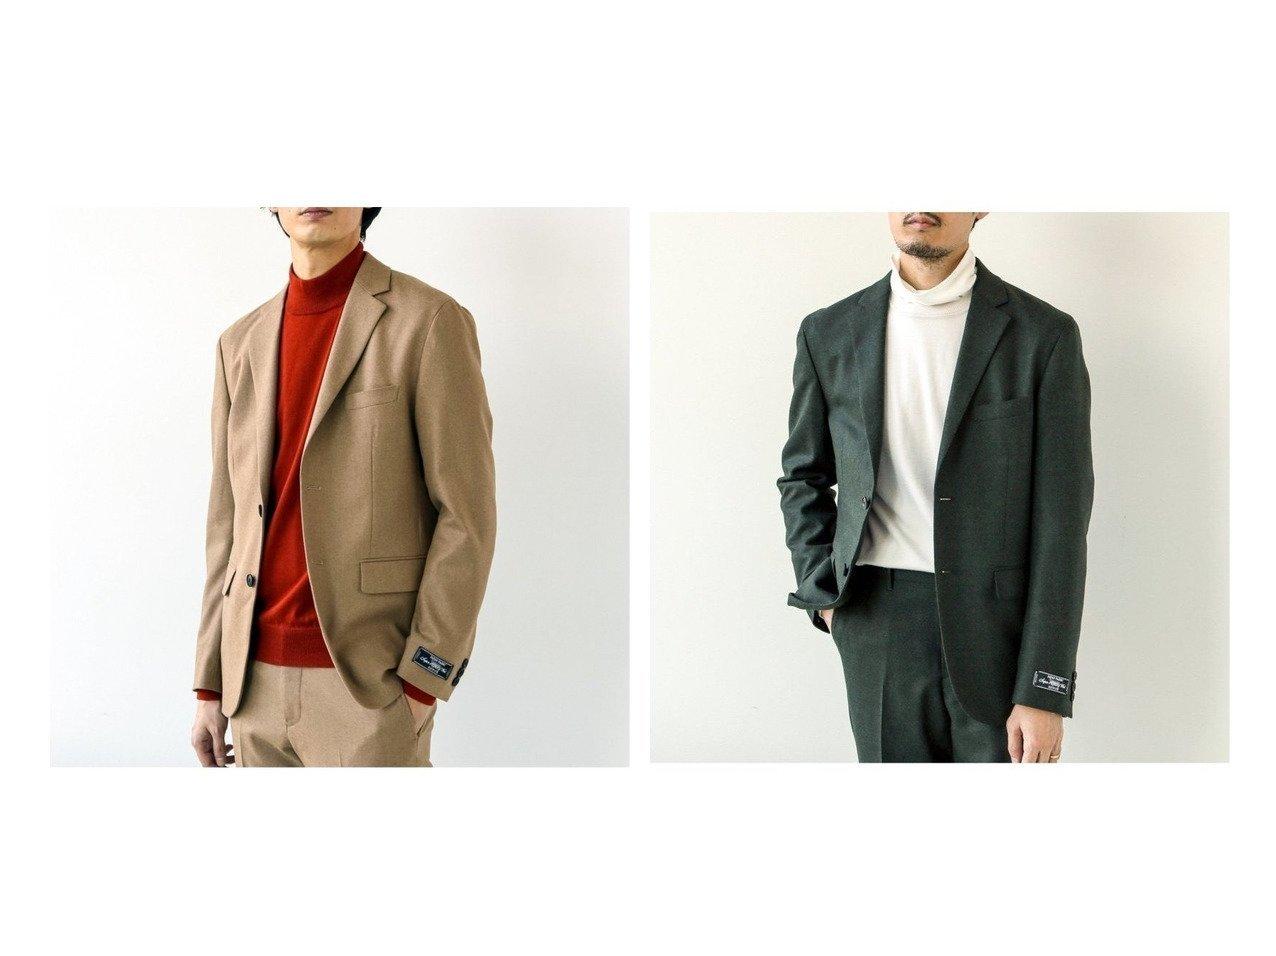 【EDIFICE / MEN/エディフィス】のTOPサキソニー 2BJK 【MEN】男性のおすすめ!人気トレンド・メンズファッションの通販 おすすめで人気の流行・トレンド、ファッションの通販商品 メンズファッション・キッズファッション・インテリア・家具・レディースファッション・服の通販 founy(ファニー) https://founy.com/ ファッション Fashion メンズファッション MEN ジャケット ストレッチ セットアップ  ID:crp329100000013221